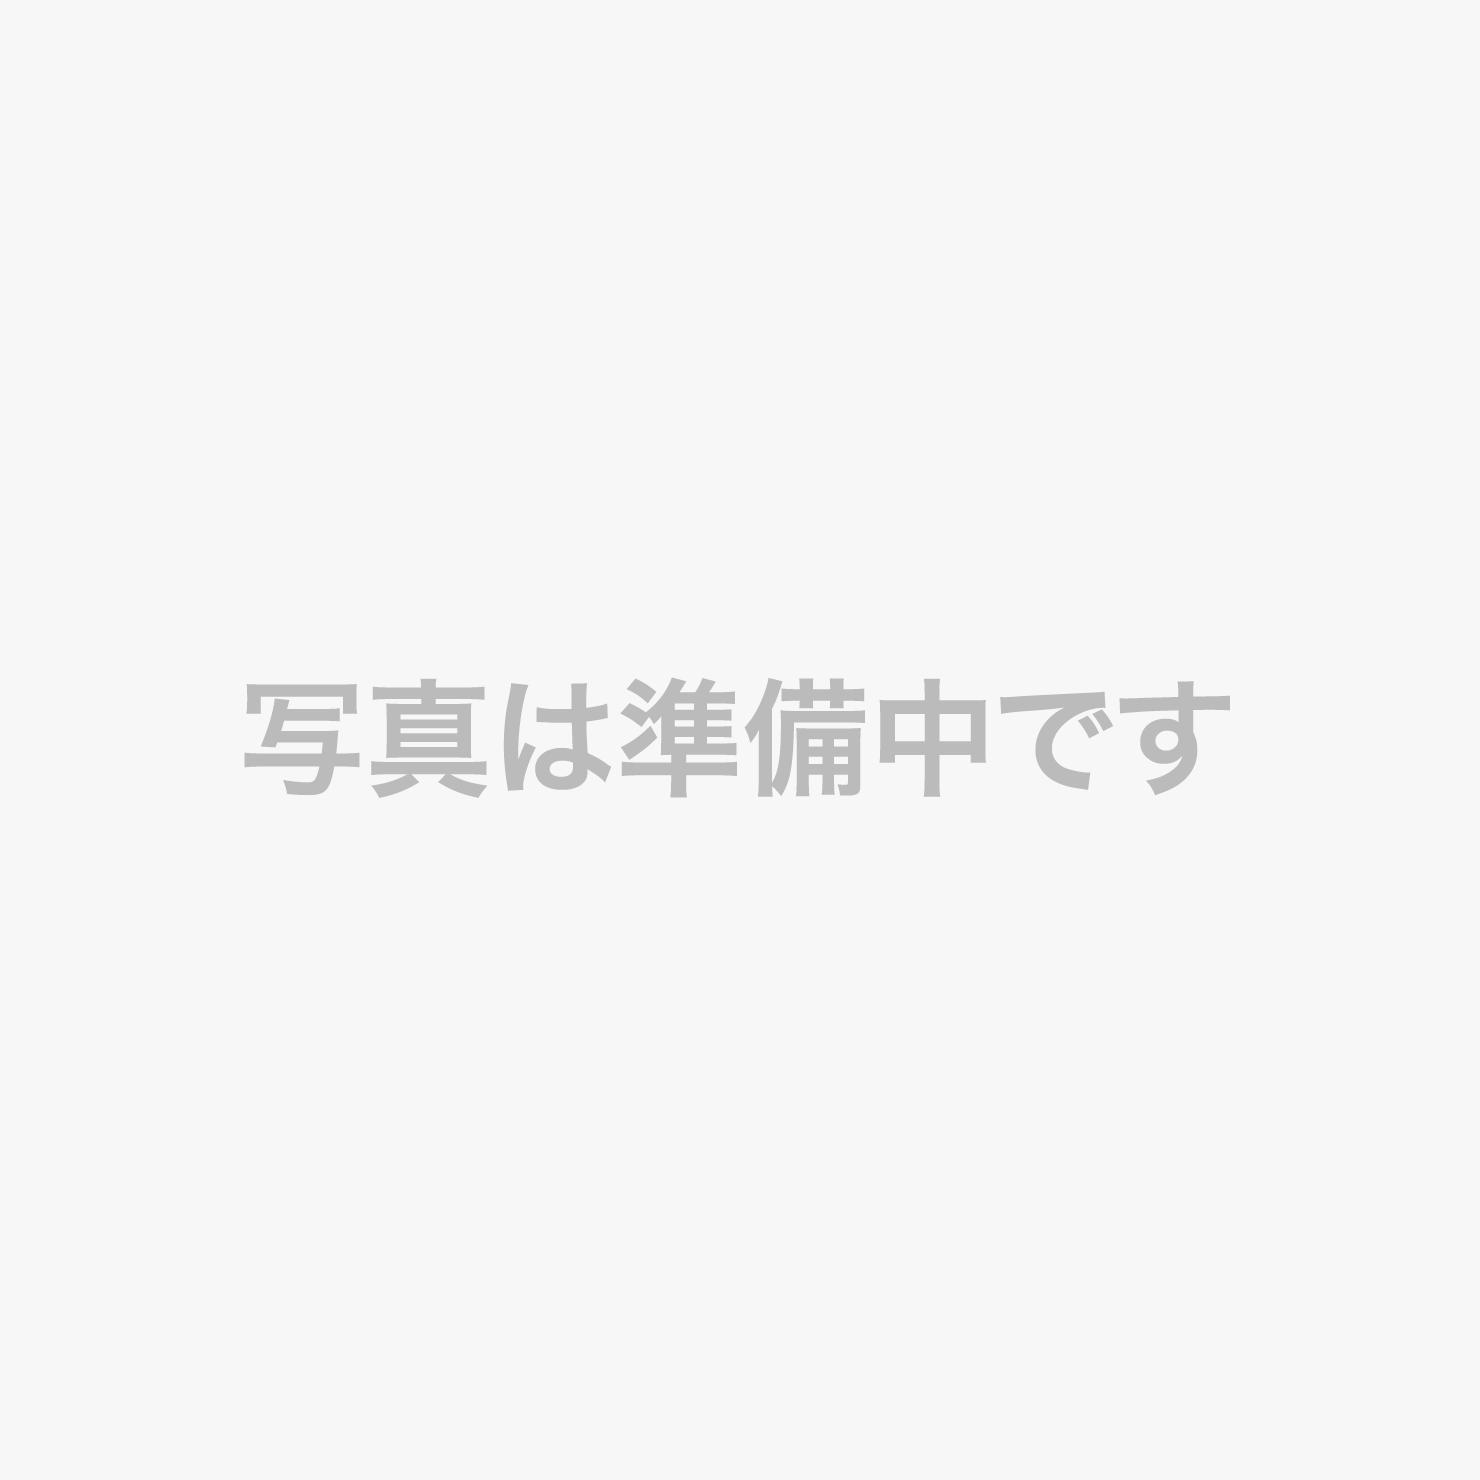 日本料理「三笑」